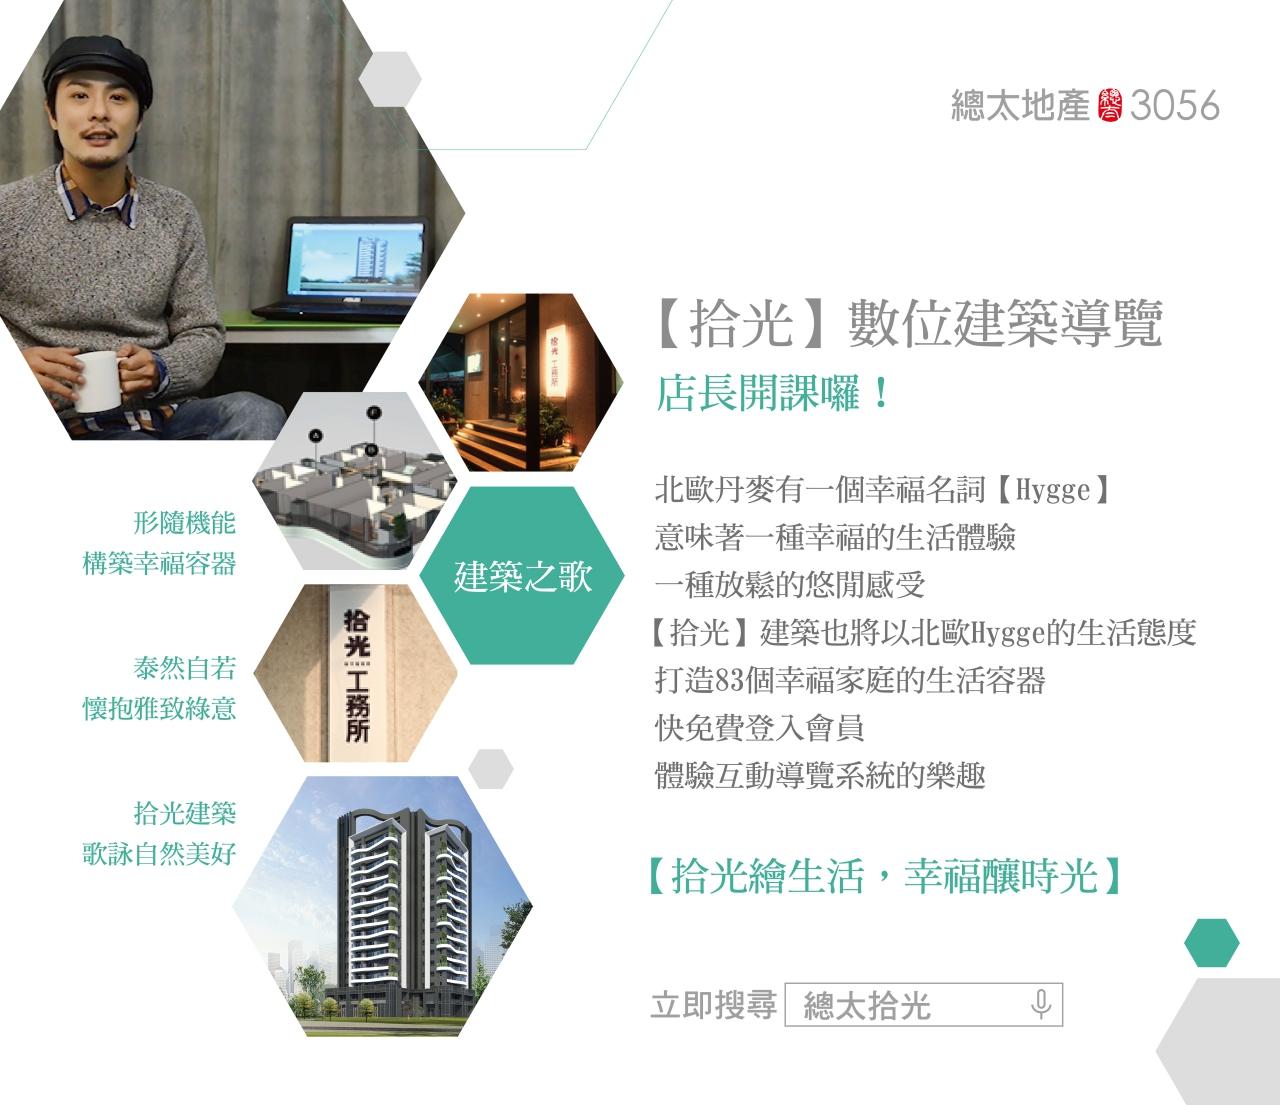 圖片:台中南屯 總太地產【拾光】數位建築導覽